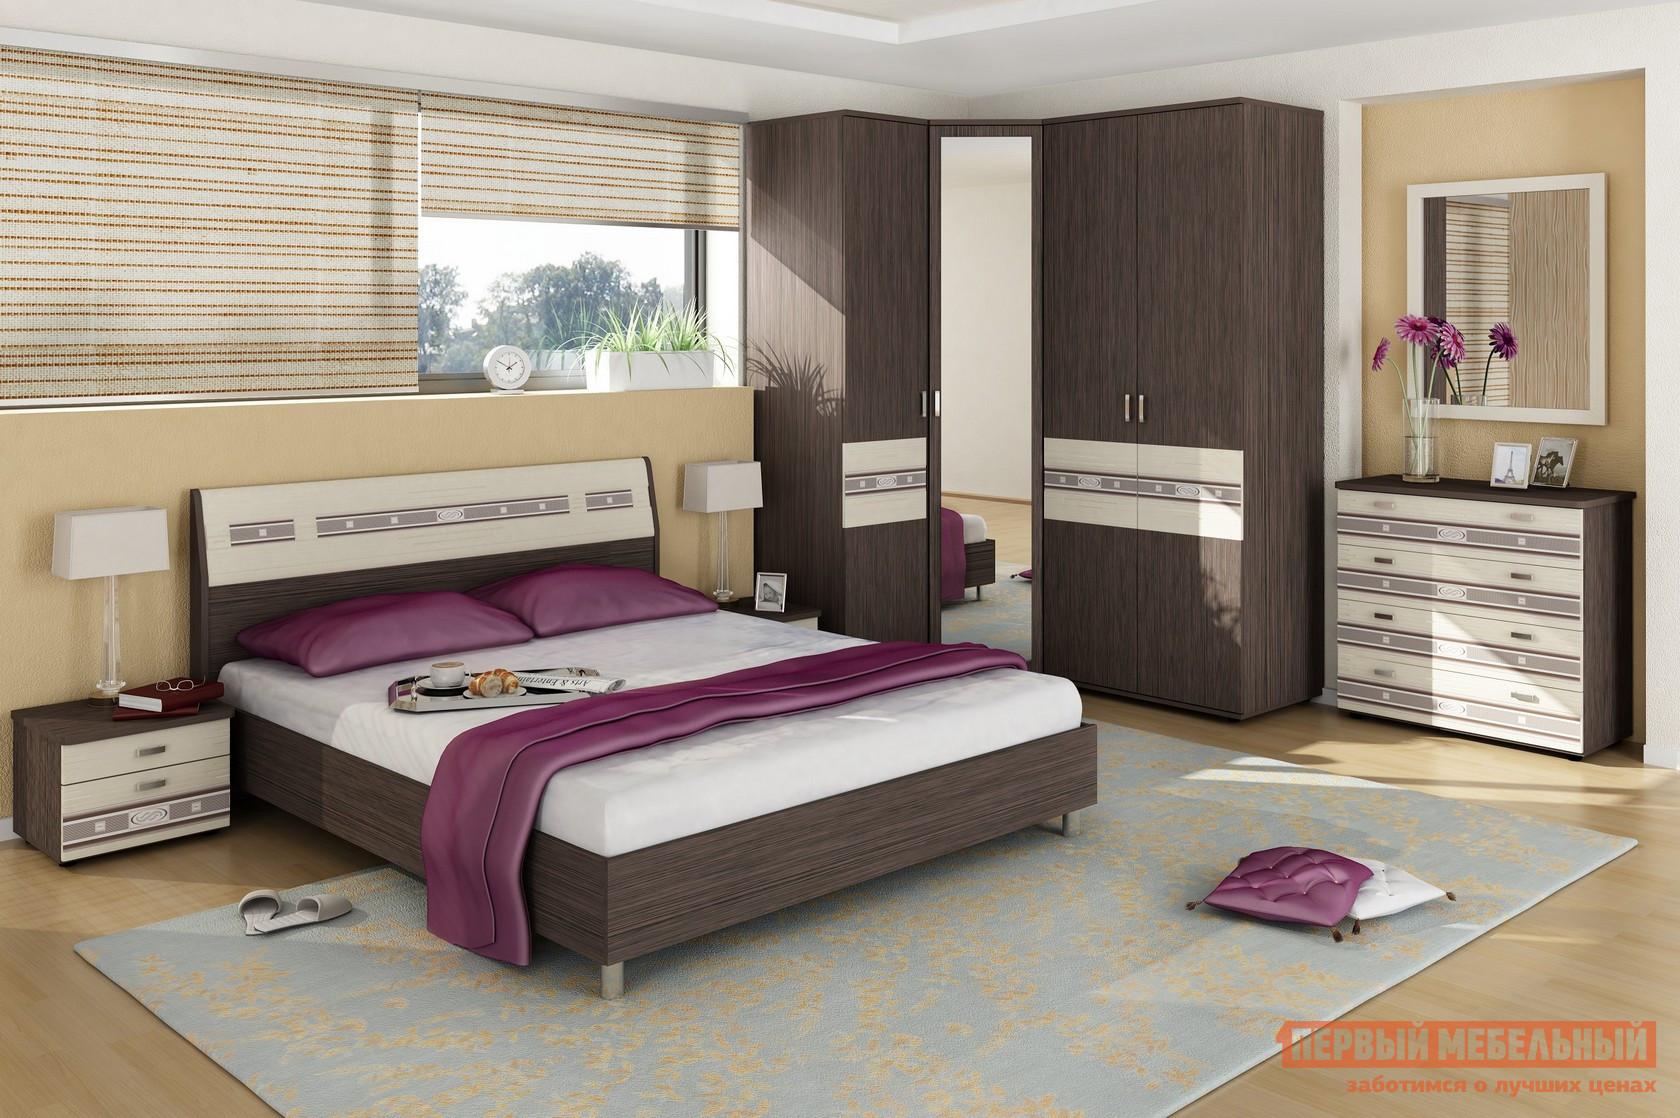 Комплект мебели для спальни Витра Ривьера К2 комплект мебели для кухни витра палермо 300